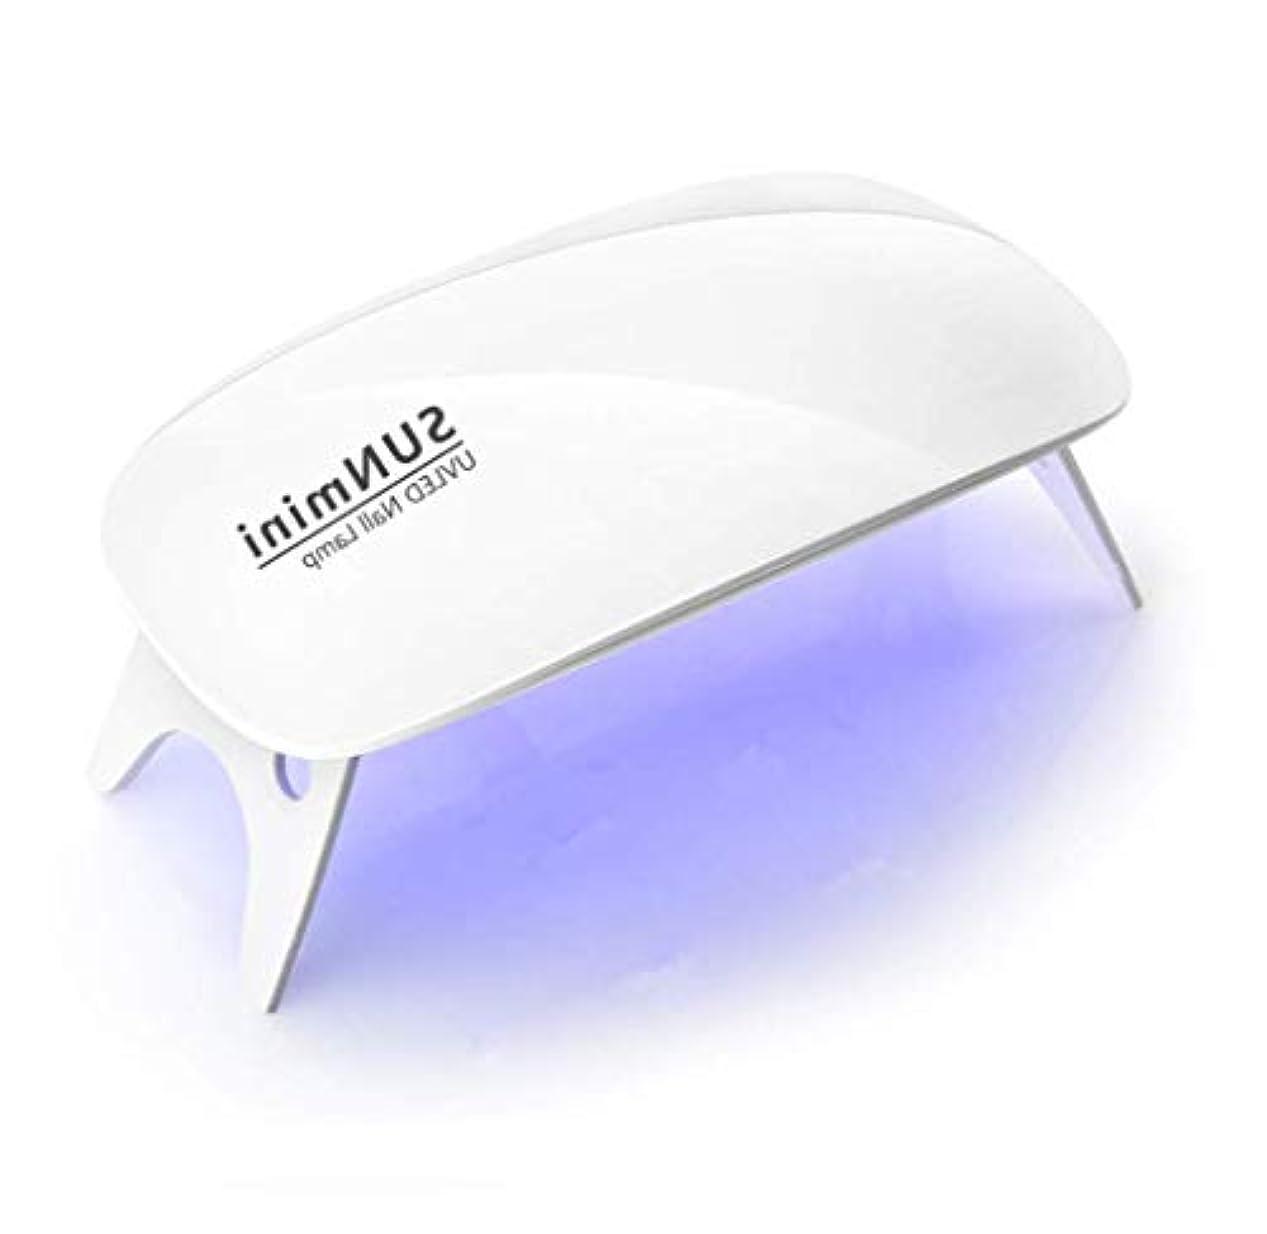 補助金考えた一般的にLEDネイルドライヤー UV とLEDダブルライト ジェルネイル用 ホワイト UVライト 折りたたみ式 設定可能 タイマー ジェルネイル LED 硬化ライト ホワイト